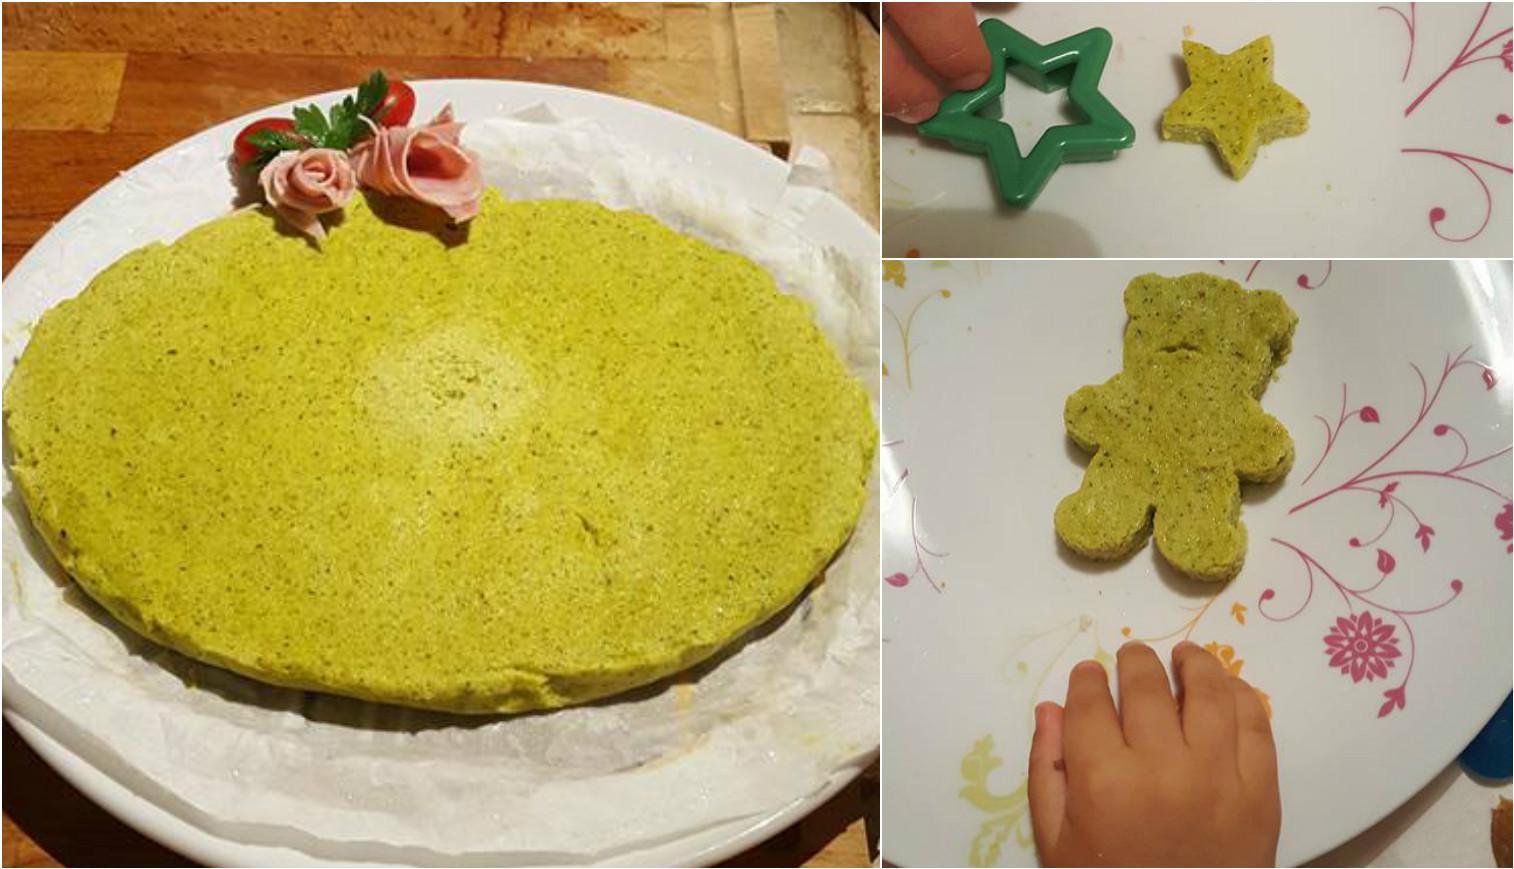 La ricetta della frittata di zucchine al vapore che - Ricette che possono cucinare i bambini ...